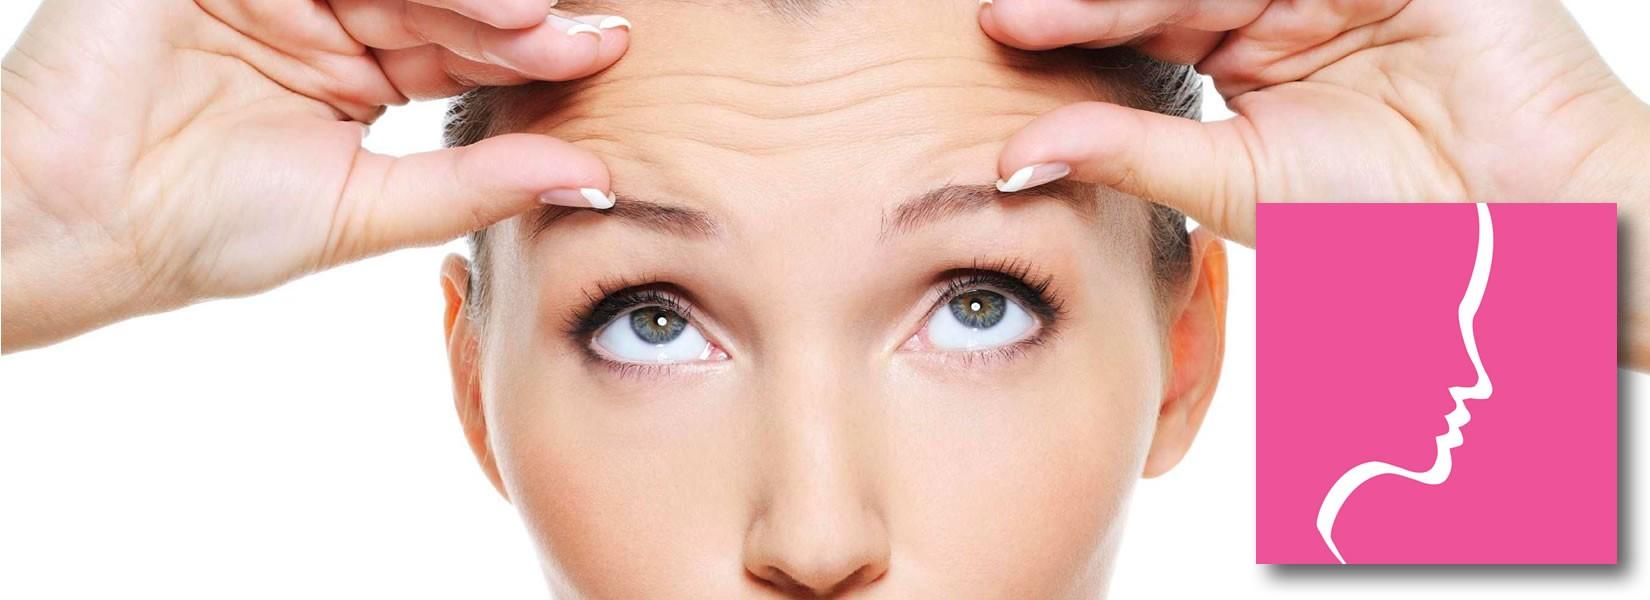 rejuvenecimiento facial con bioestimulación cutánea